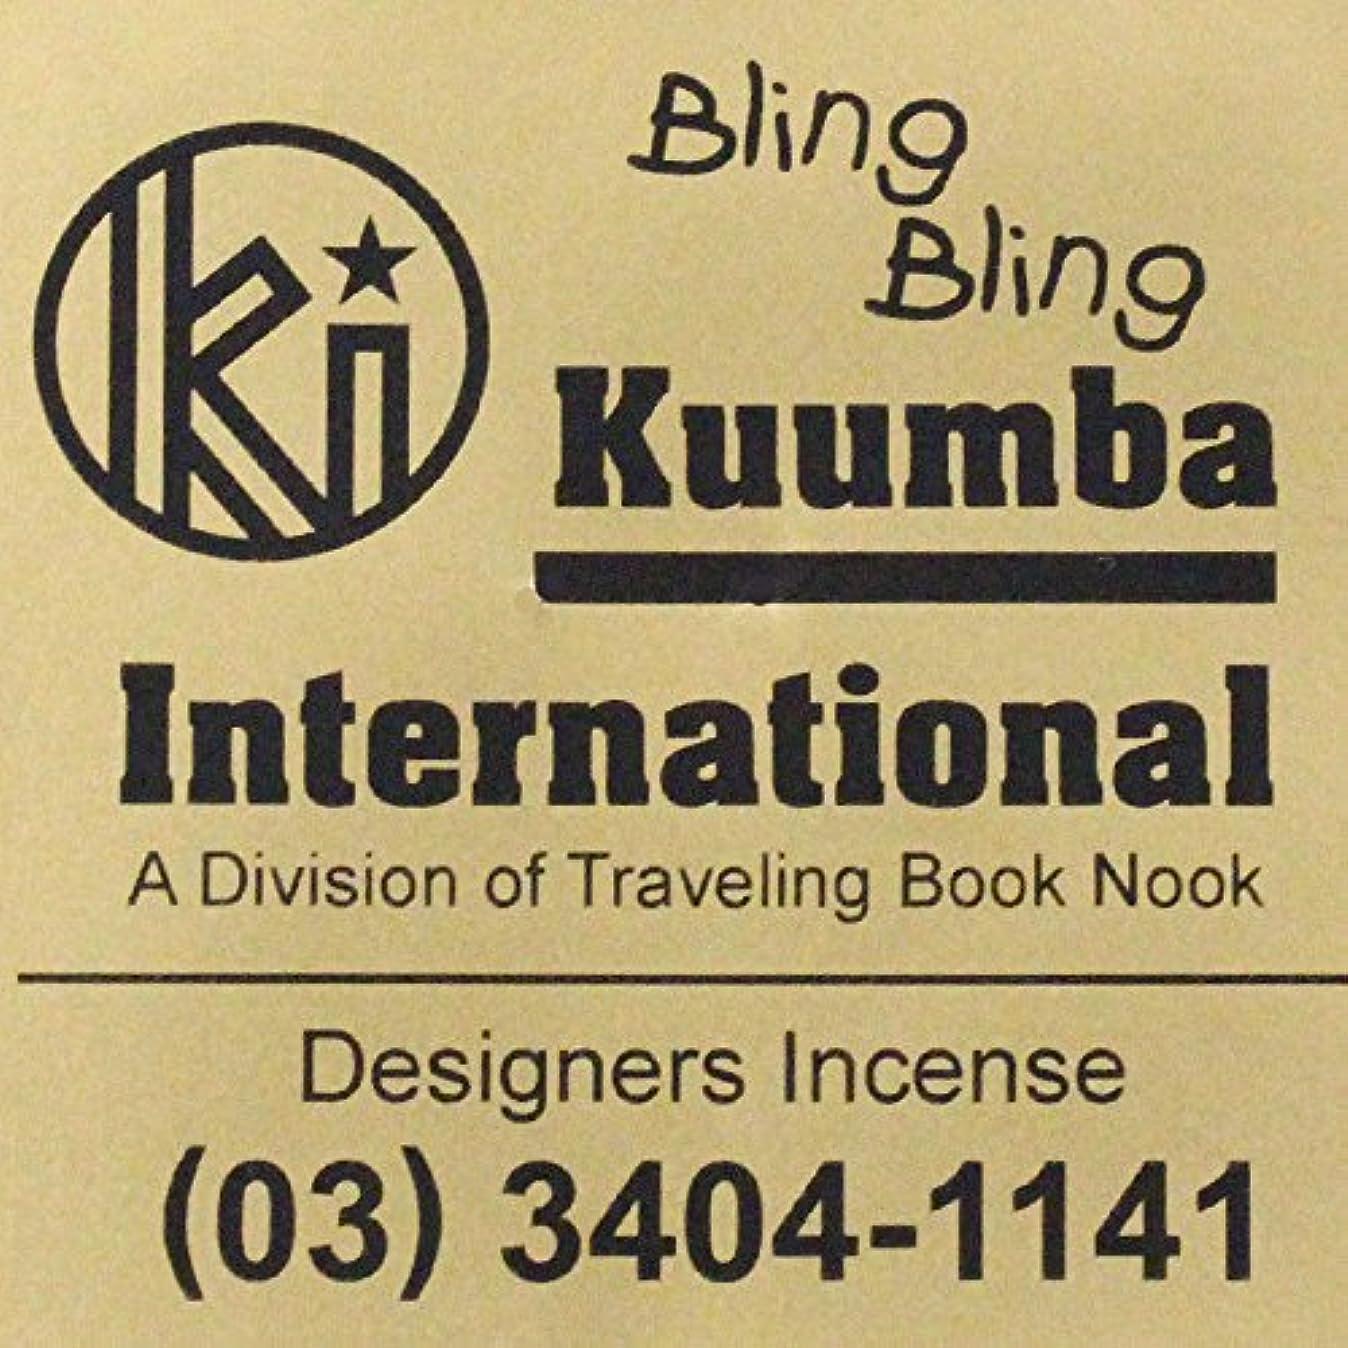 防水委員会キャンプ(クンバ) KUUMBA『incense』(Bling Bling) (Regular size)